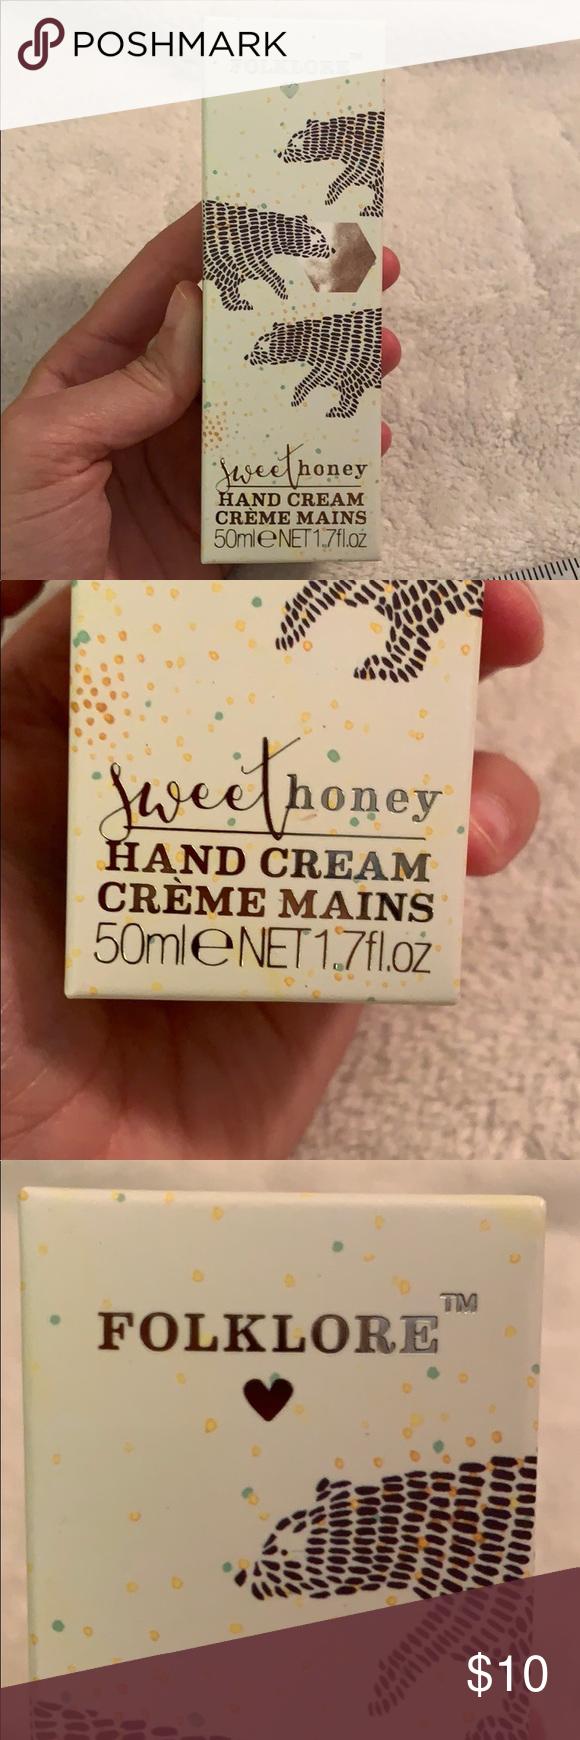 Folklore Hand Cream (50mL) Sweet Honey